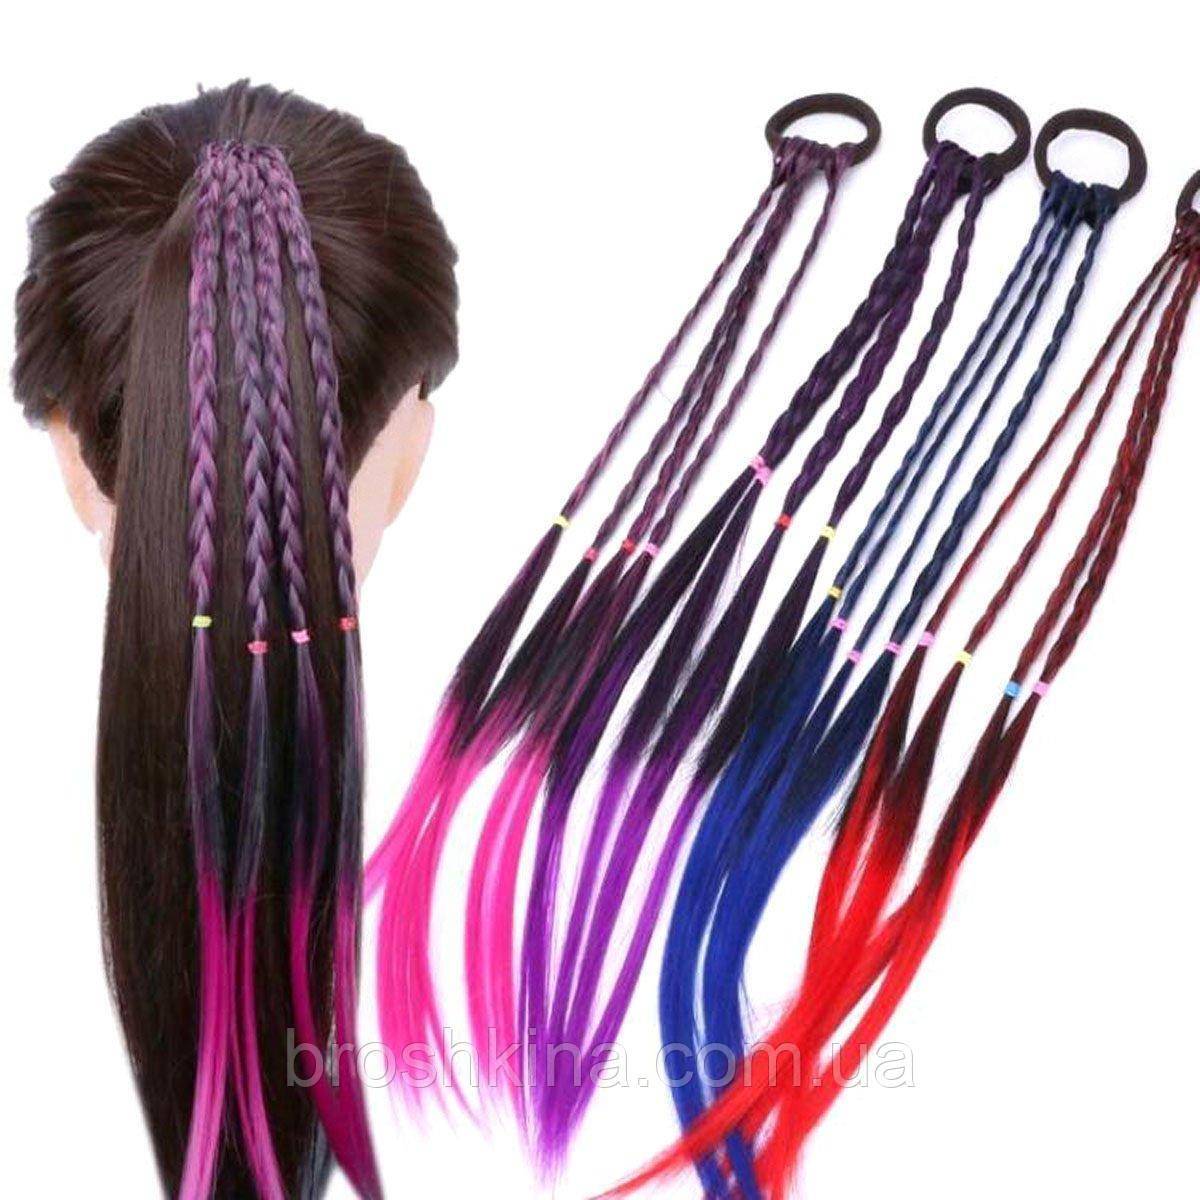 Резинки для волос с цветными косичками 35 см 12 шт/уп